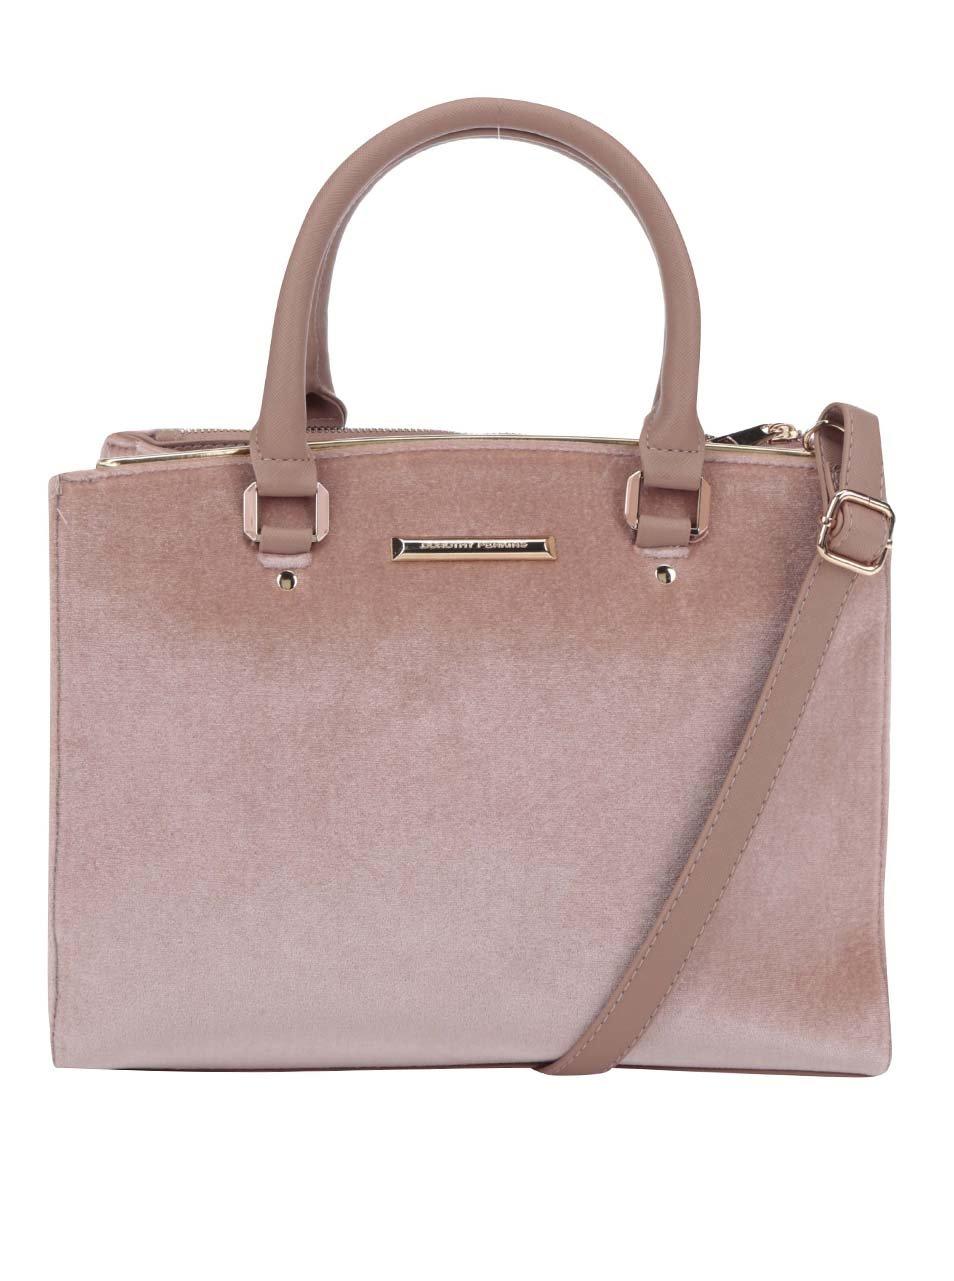 Růžová kabelka s detaily ve zlaté barvě Dorothy Perkins